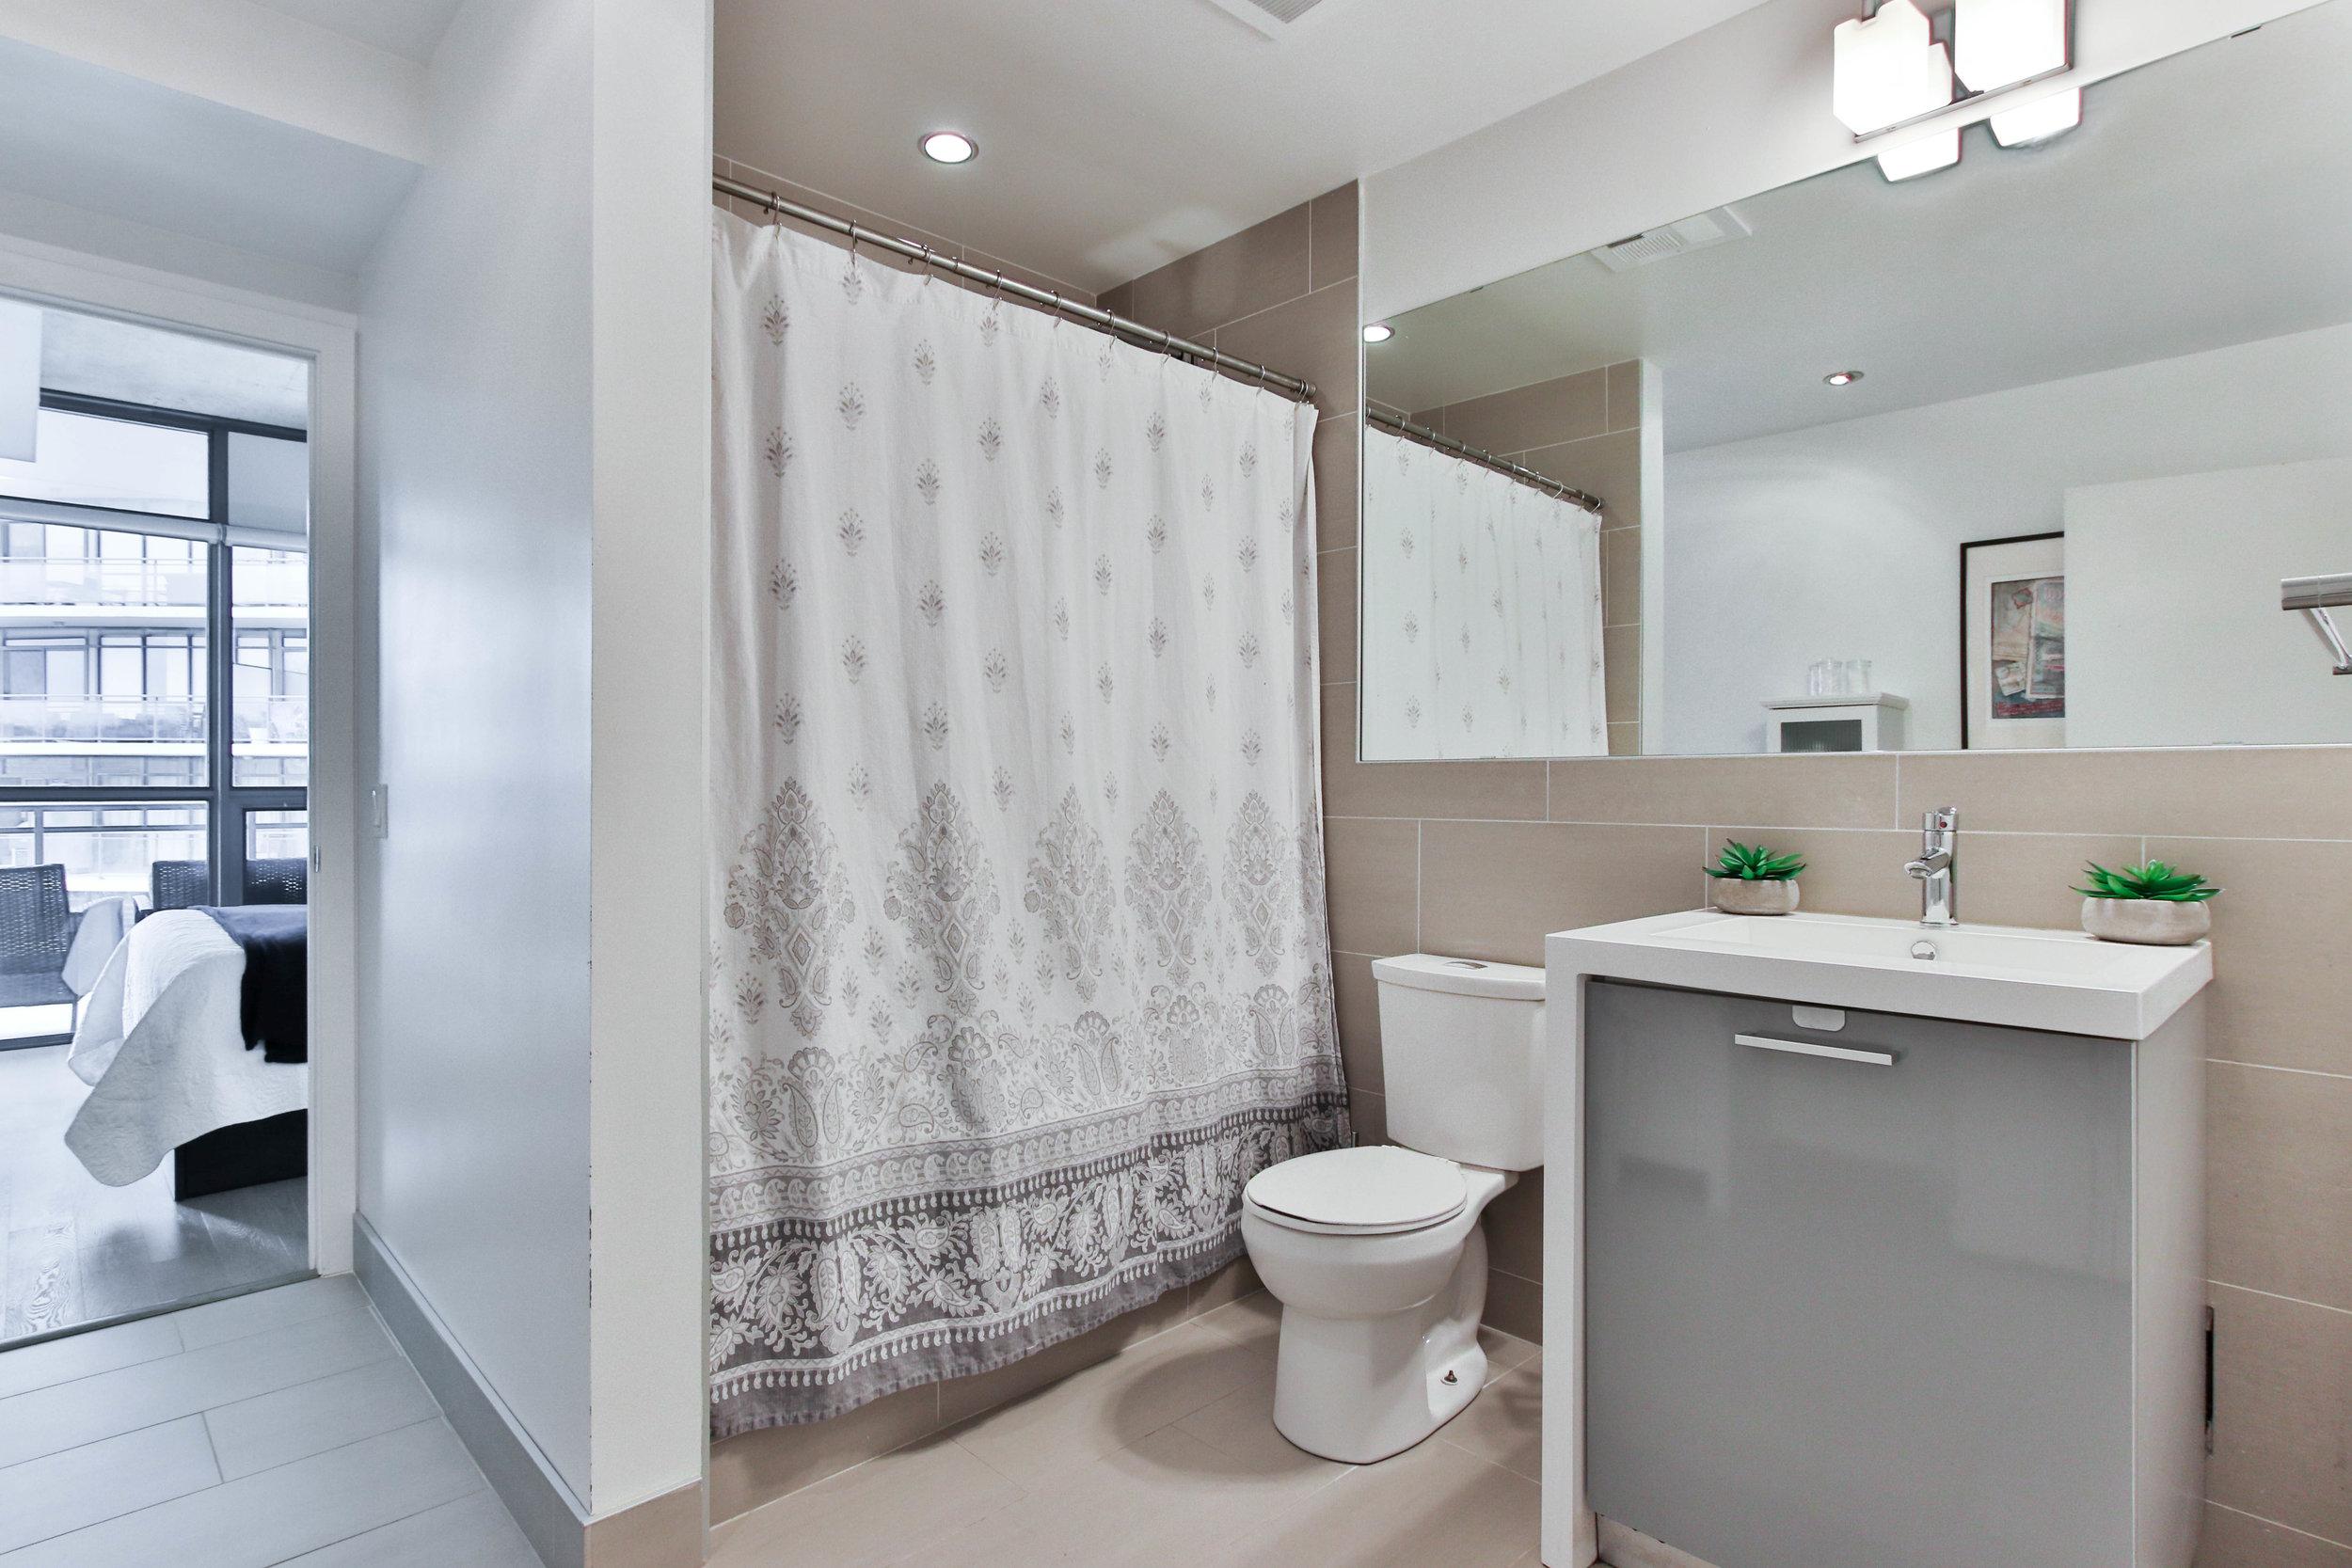 21_Washroom.jpg